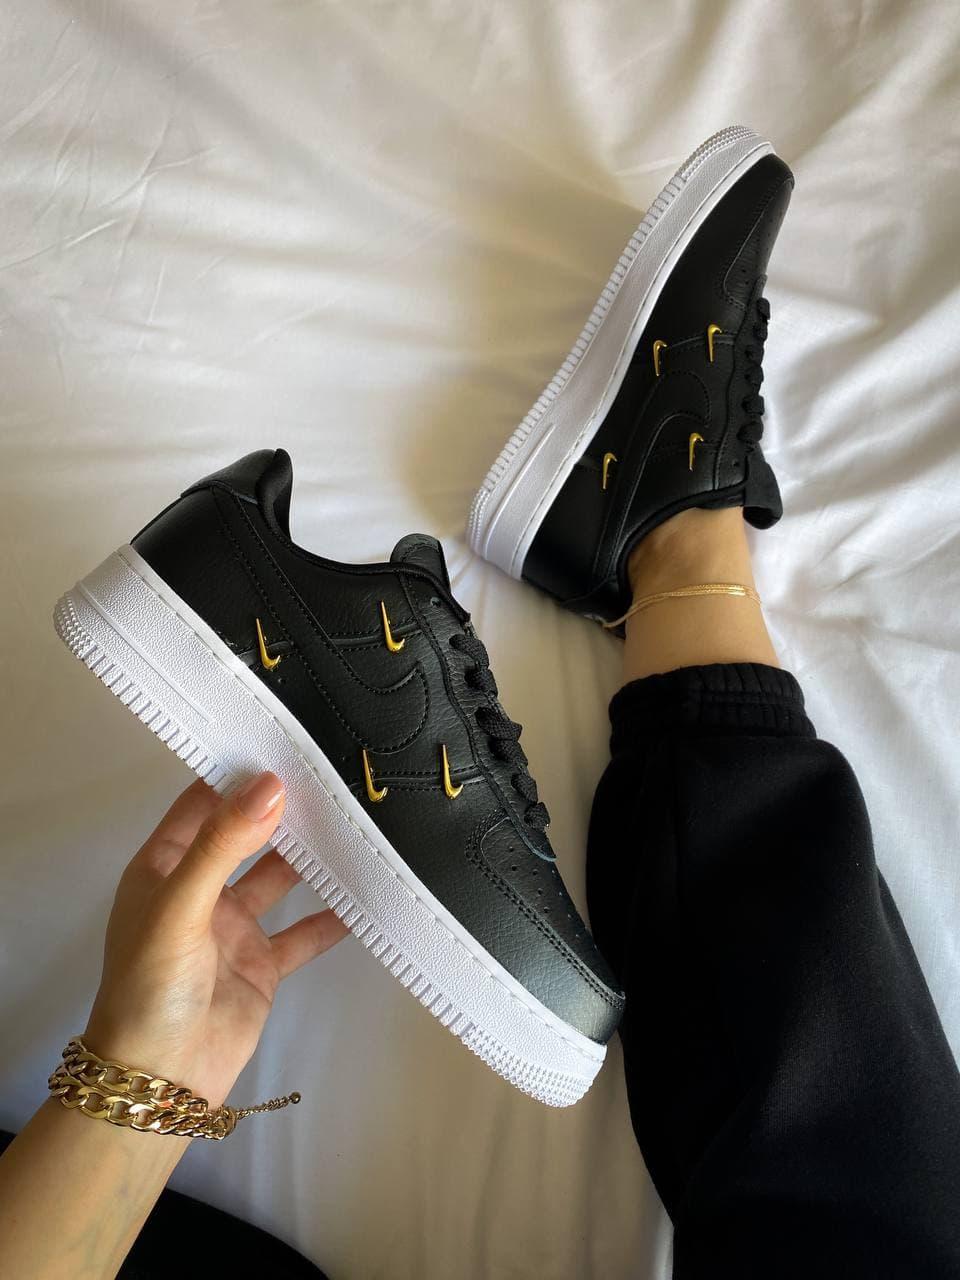 Женские кроссовки Nike Air Force 1 07 LX Sisterhood (чёрные с серым) К4402 качественные стильные